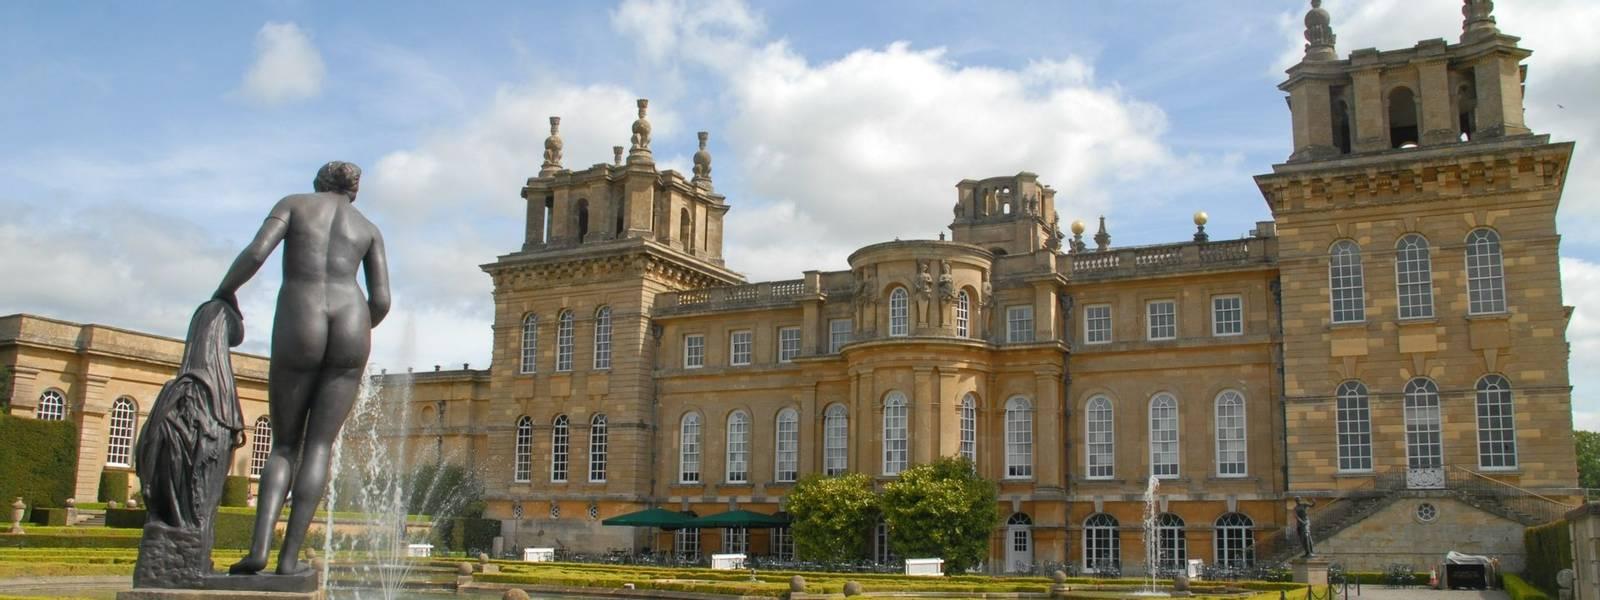 HeritageTours-ArchitecturalHeritage-BlenheimPalace-AdobeStock_178330827.jpeg